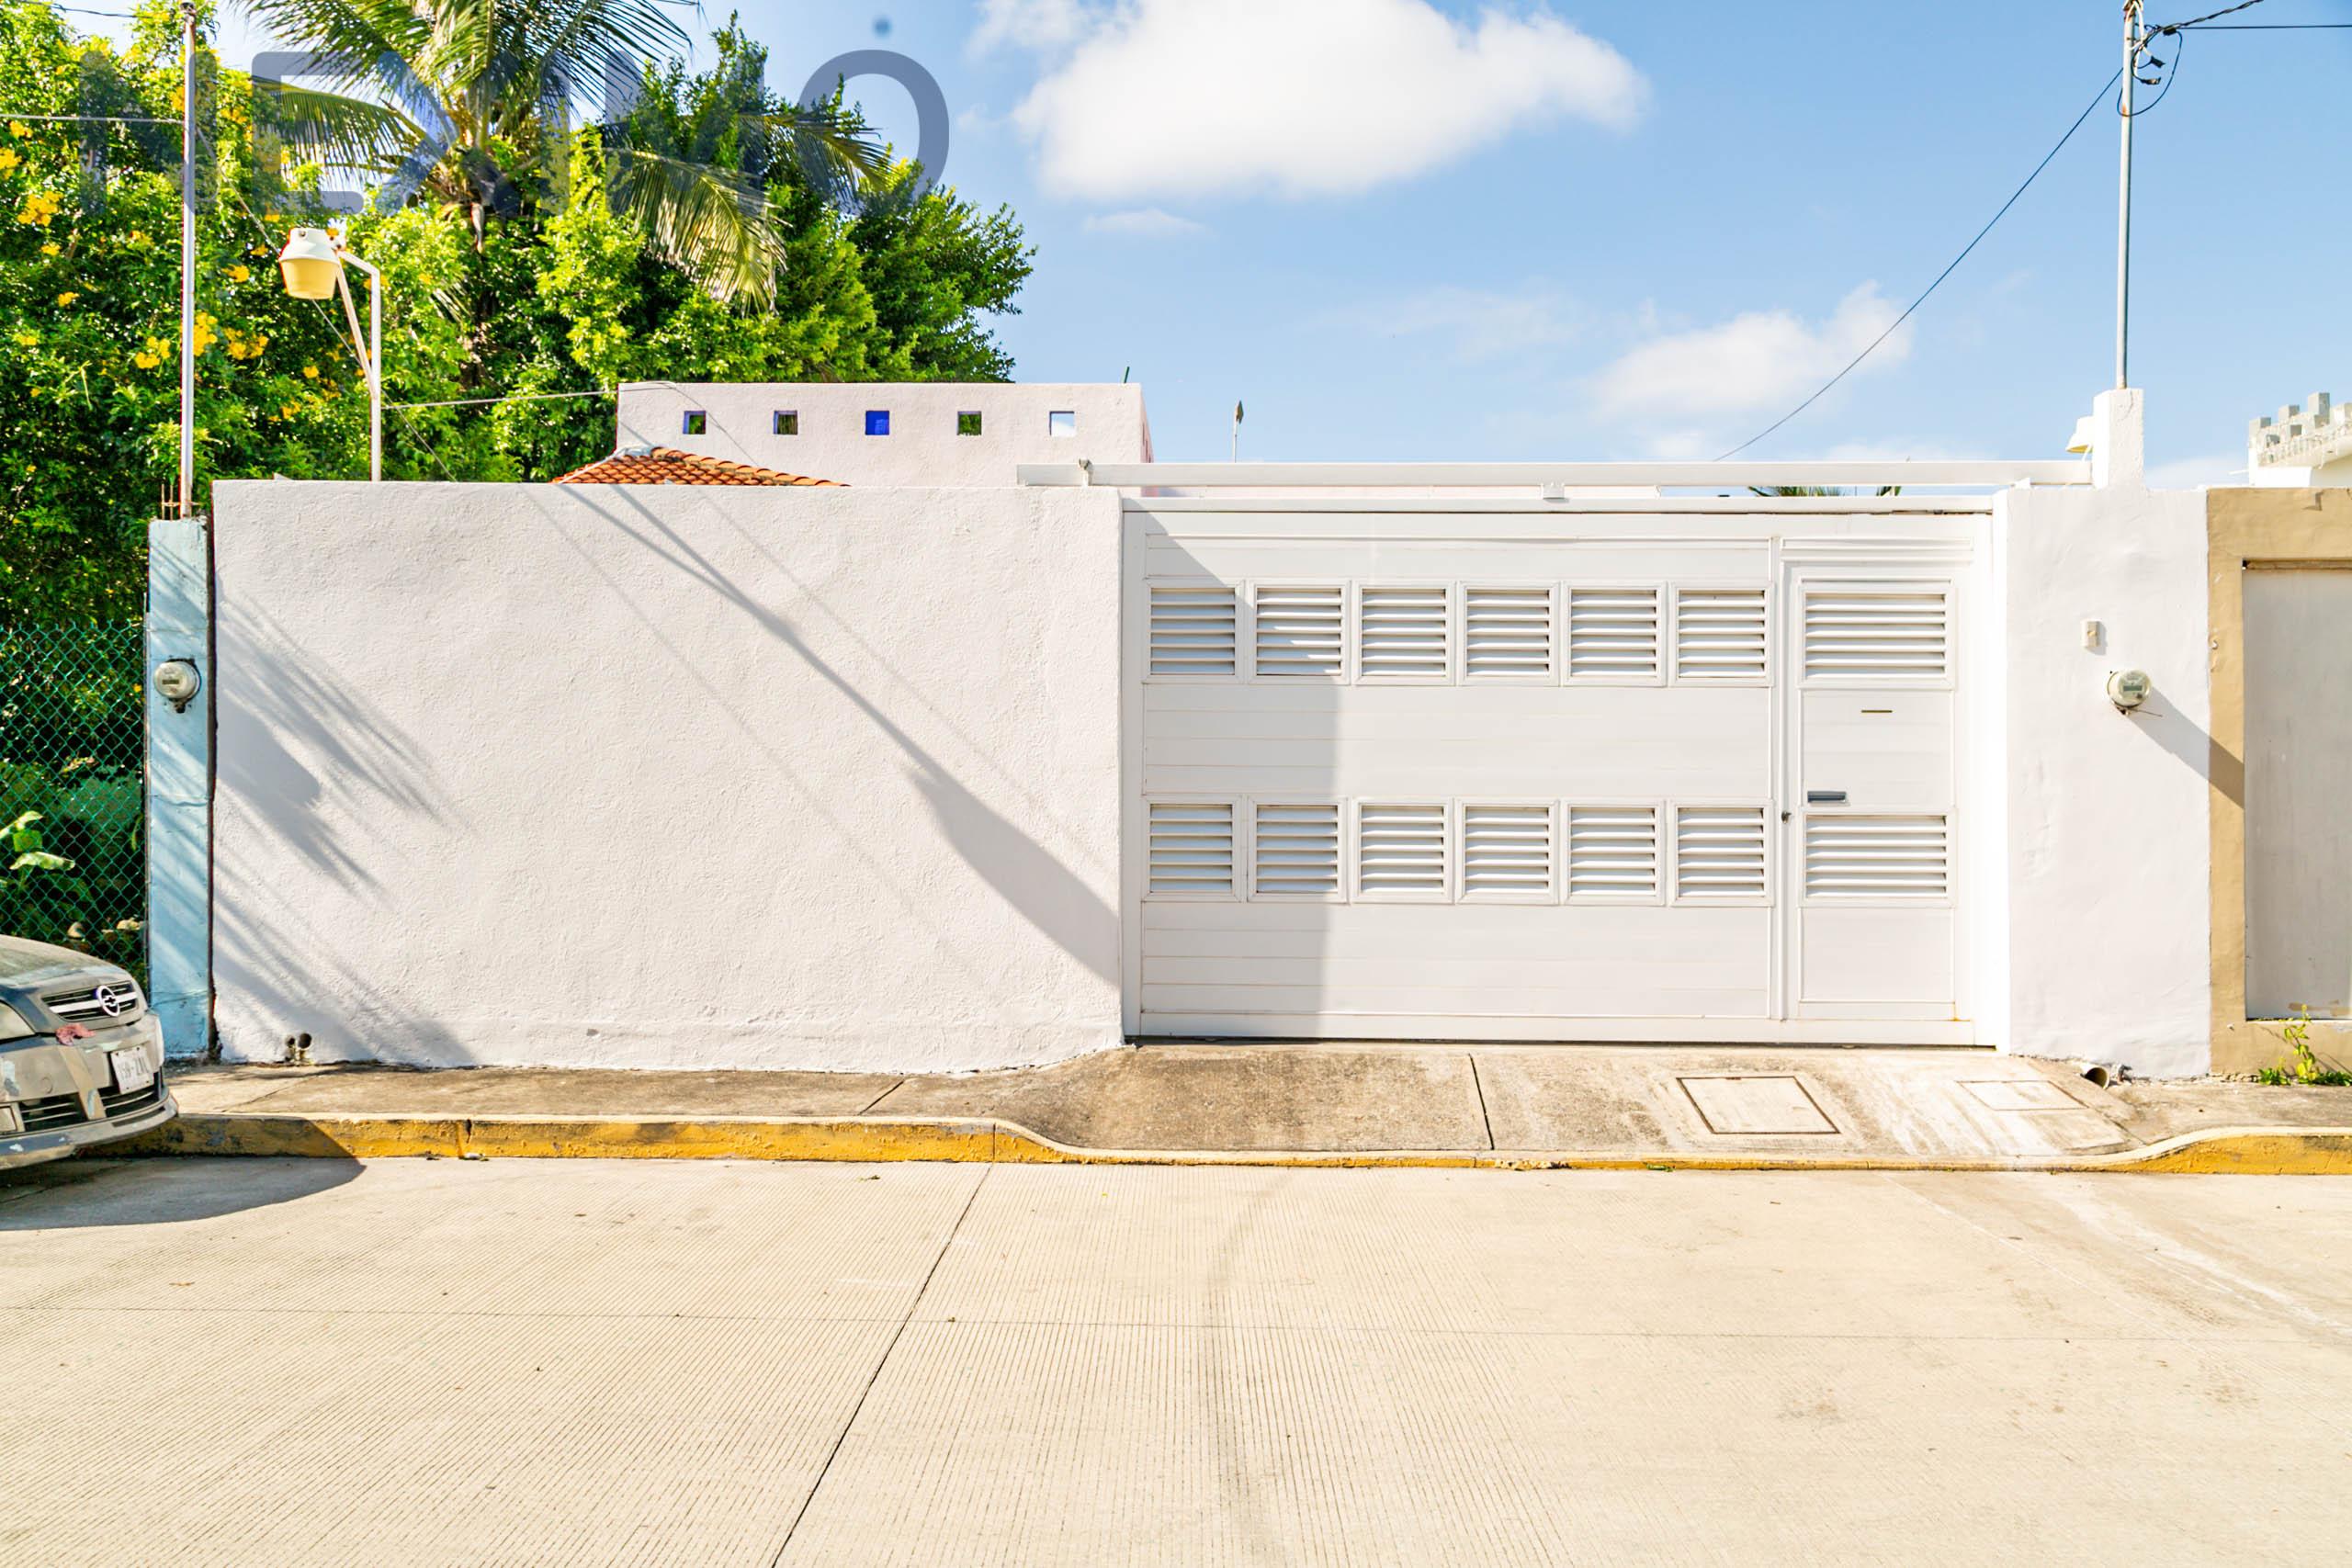 Casa en venta en la Colonia Adolfo López Mateos, Veracruz, Veracruz